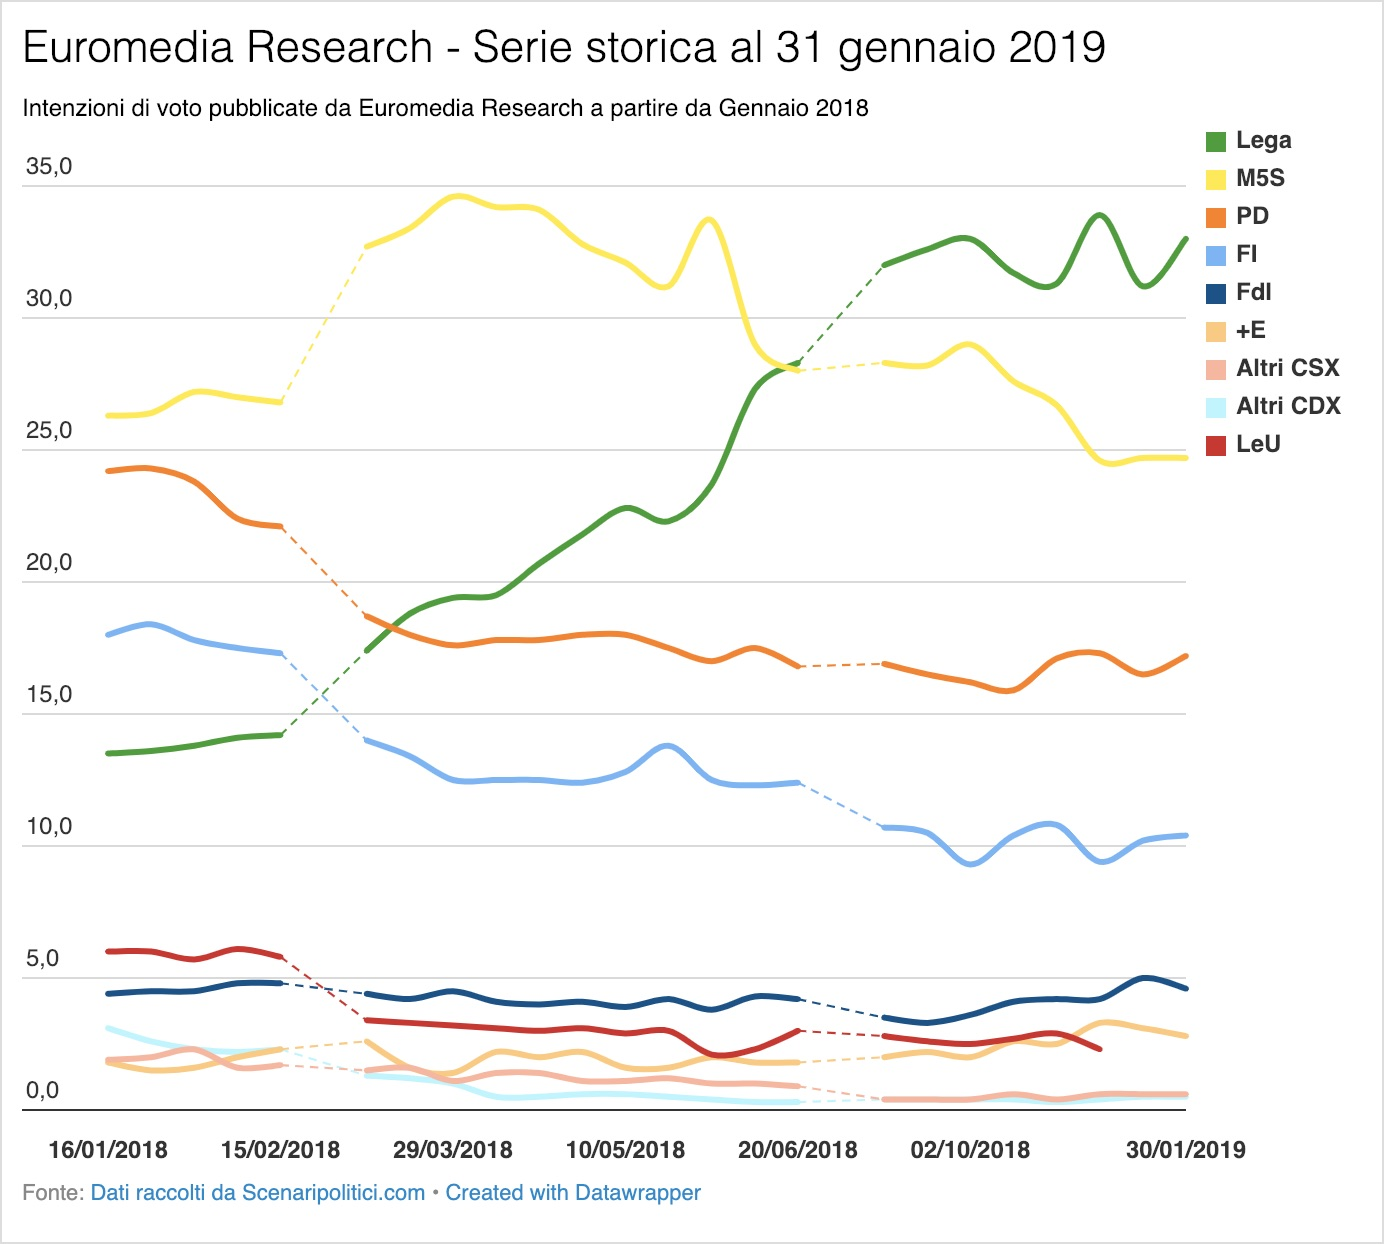 Sondaggi Euromedia Research e Piepoli 30 gennaio 2019